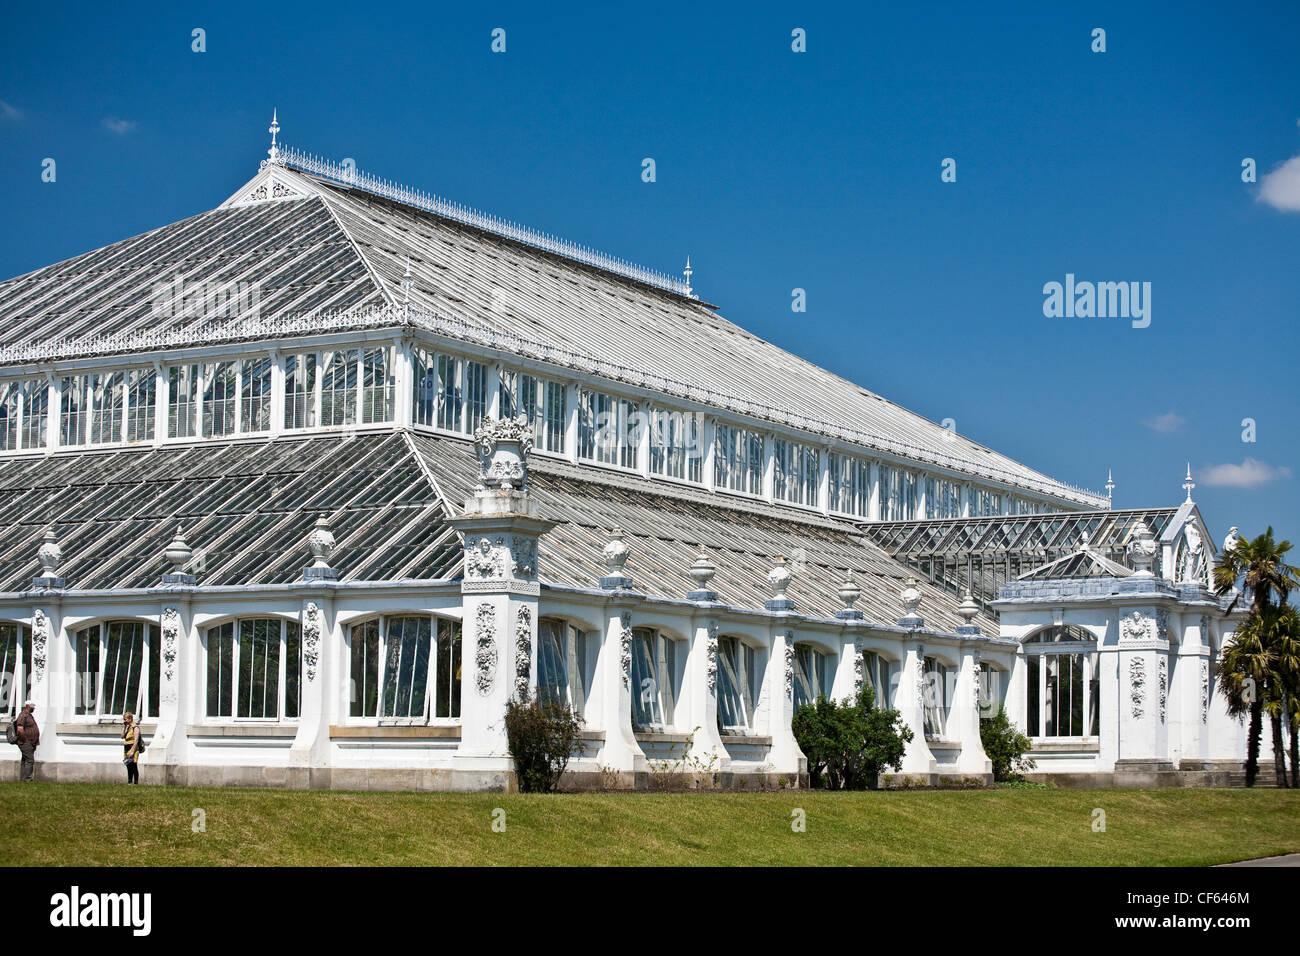 Haus Im Gewächshaus die gemäßigten haus größte erhaltene viktorianische gewächshaus der